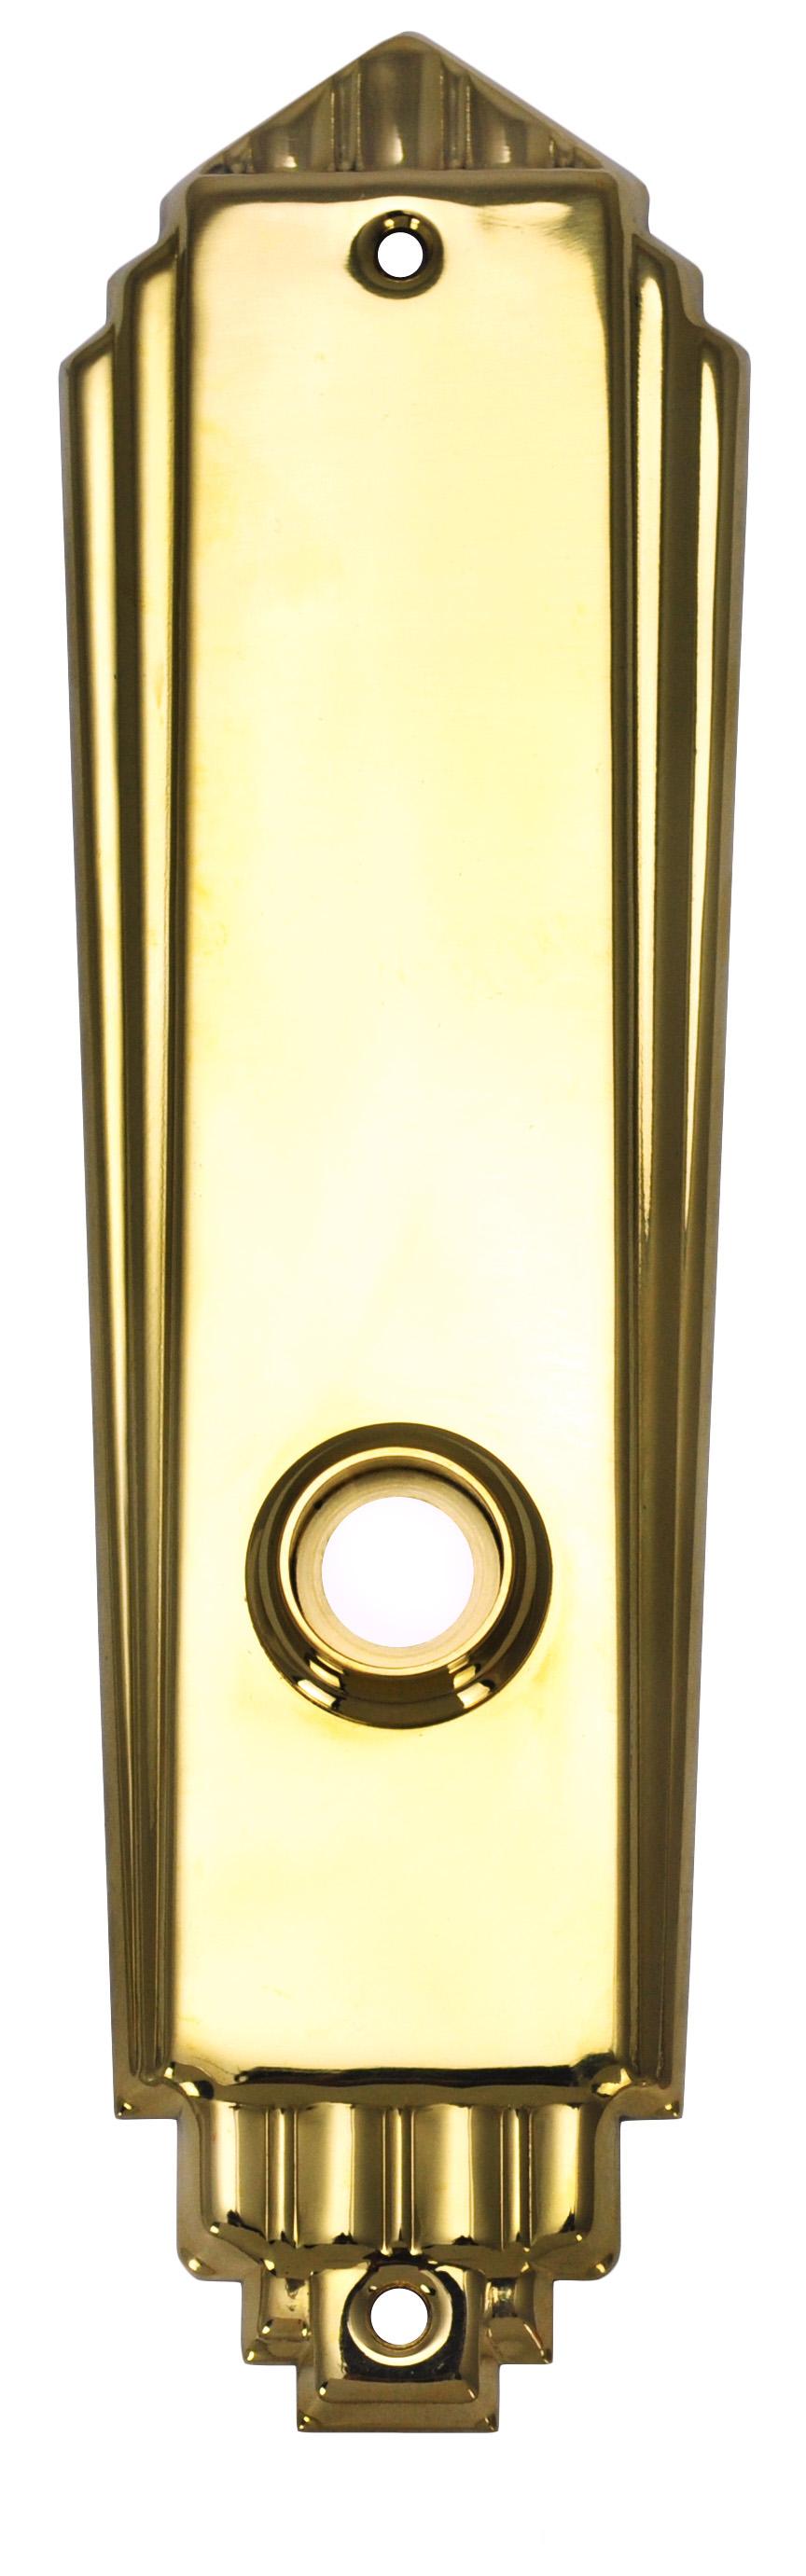 Vintage Hardware Amp Lighting Art Deco Door Plate No